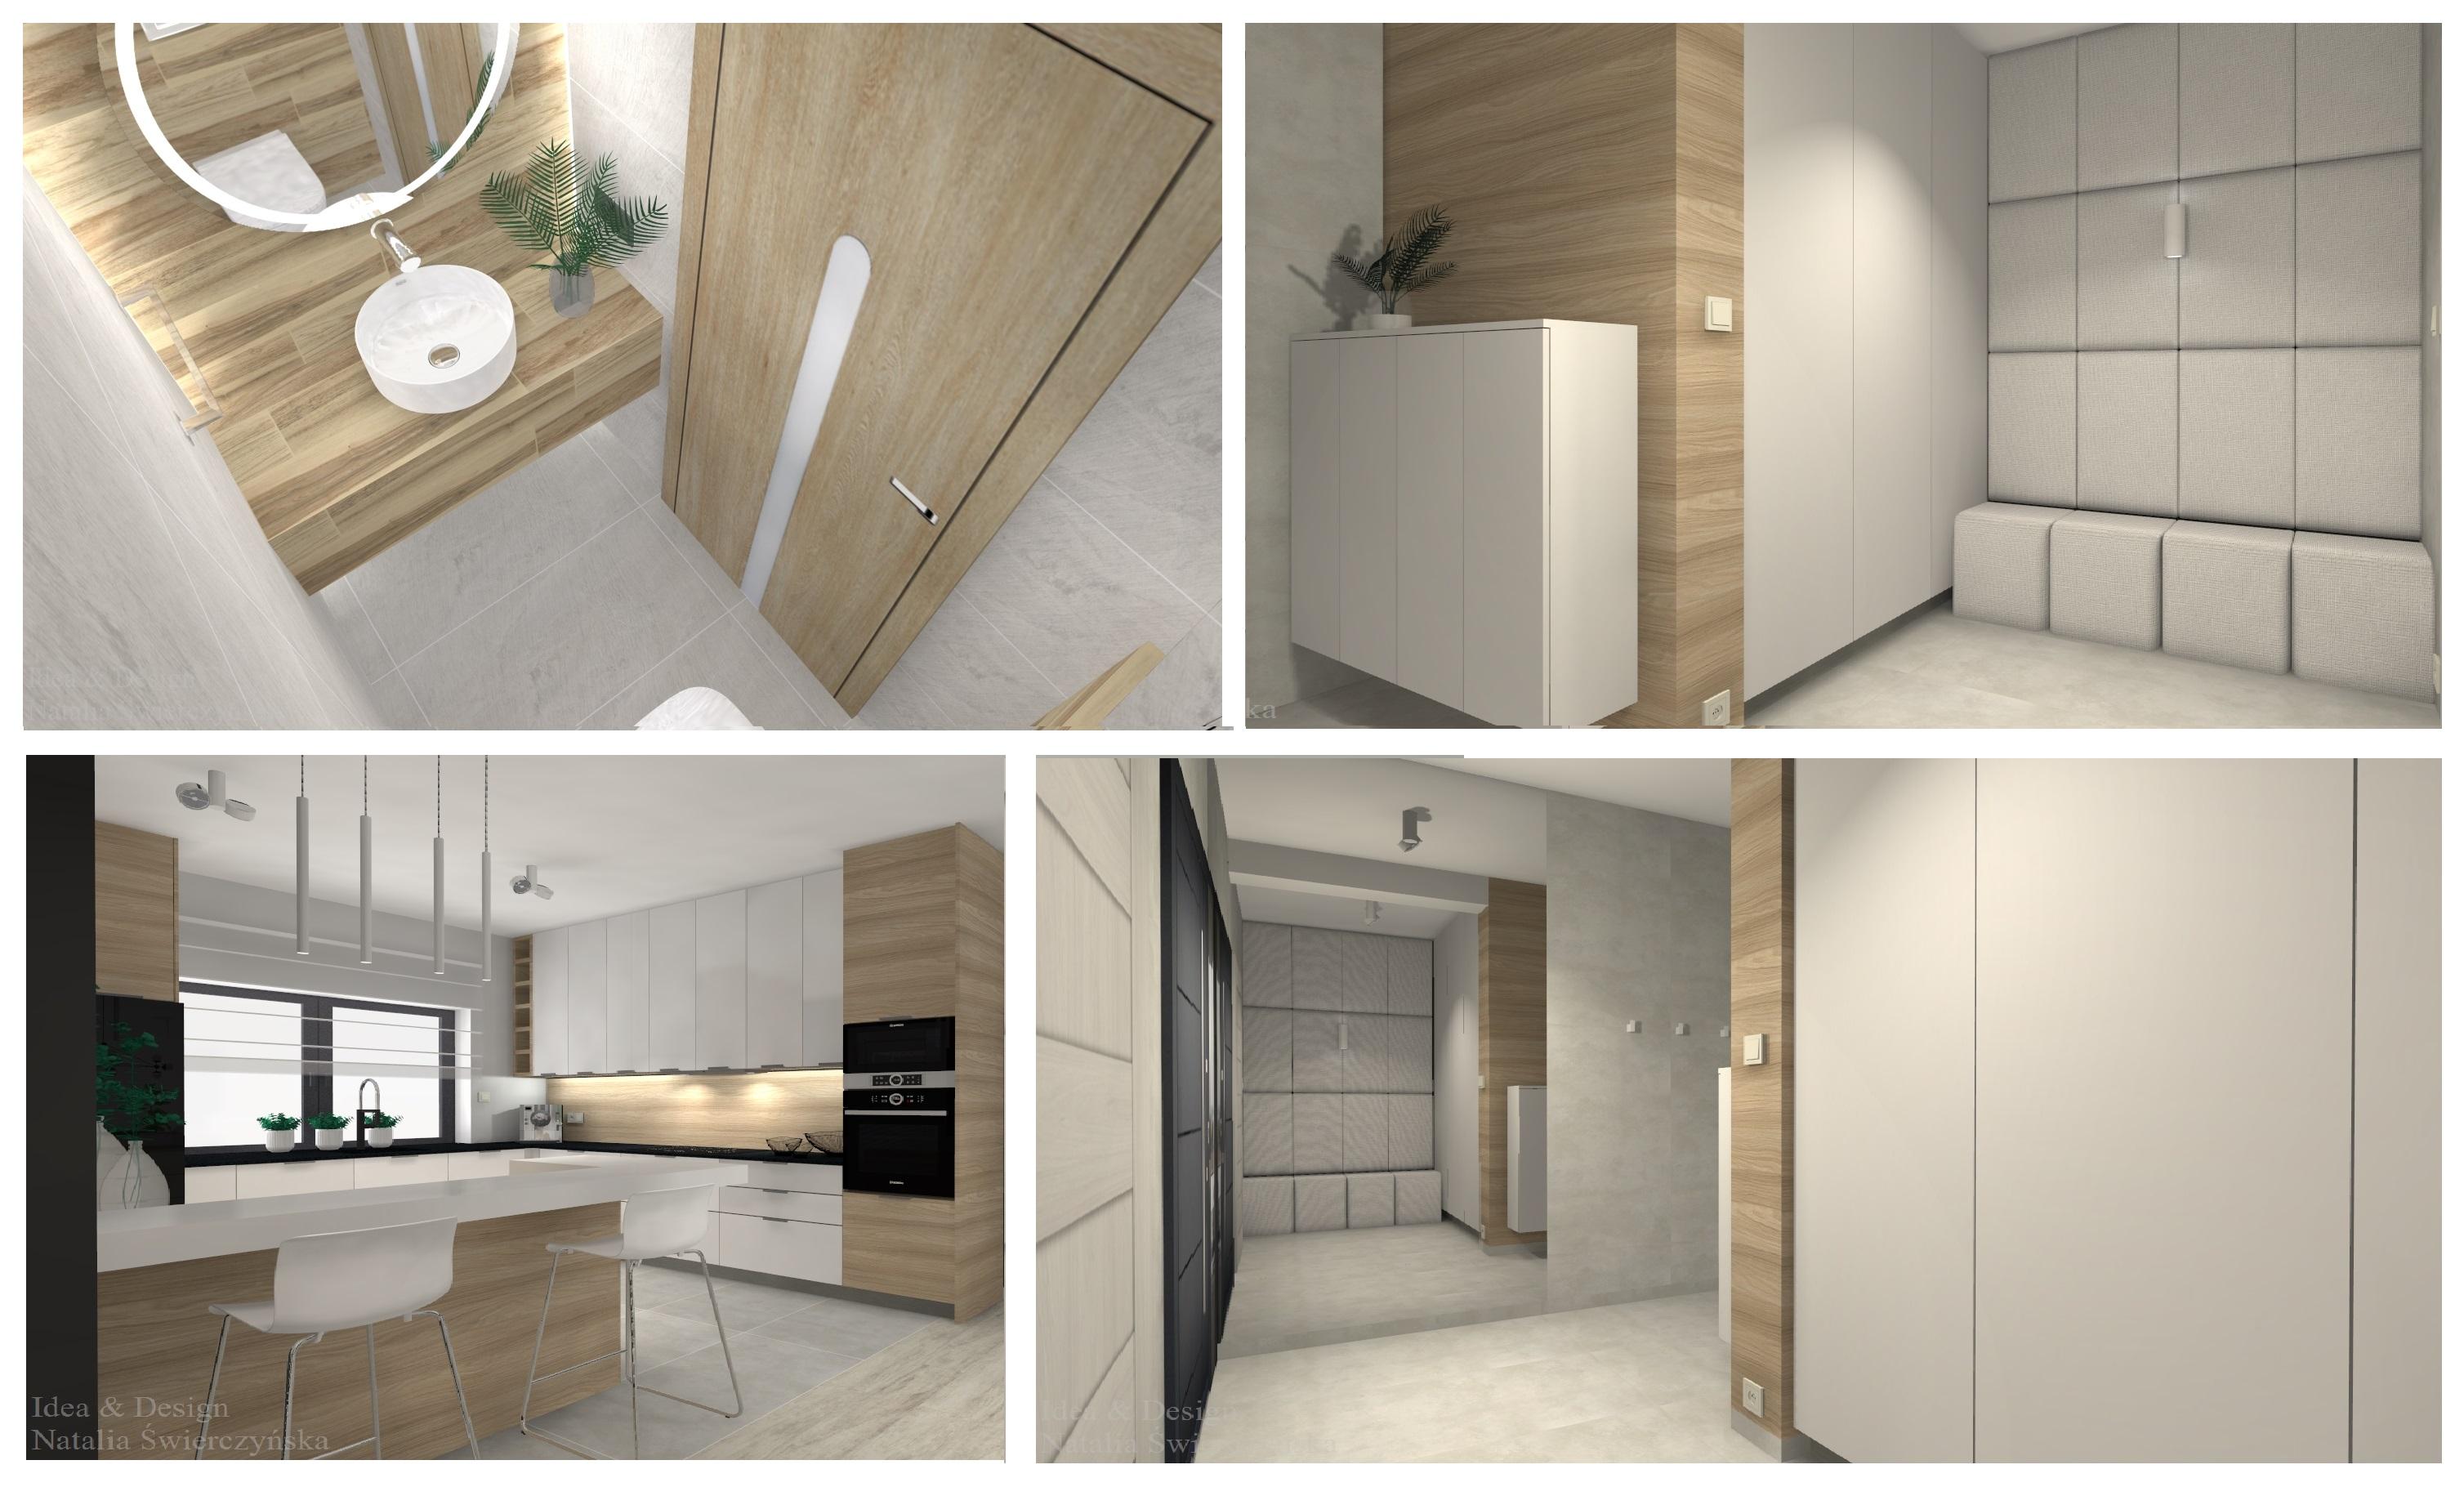 Idea-Design-Natalia-Świerczyńsak-_-ciepłe-drewno-w-wnętrzu